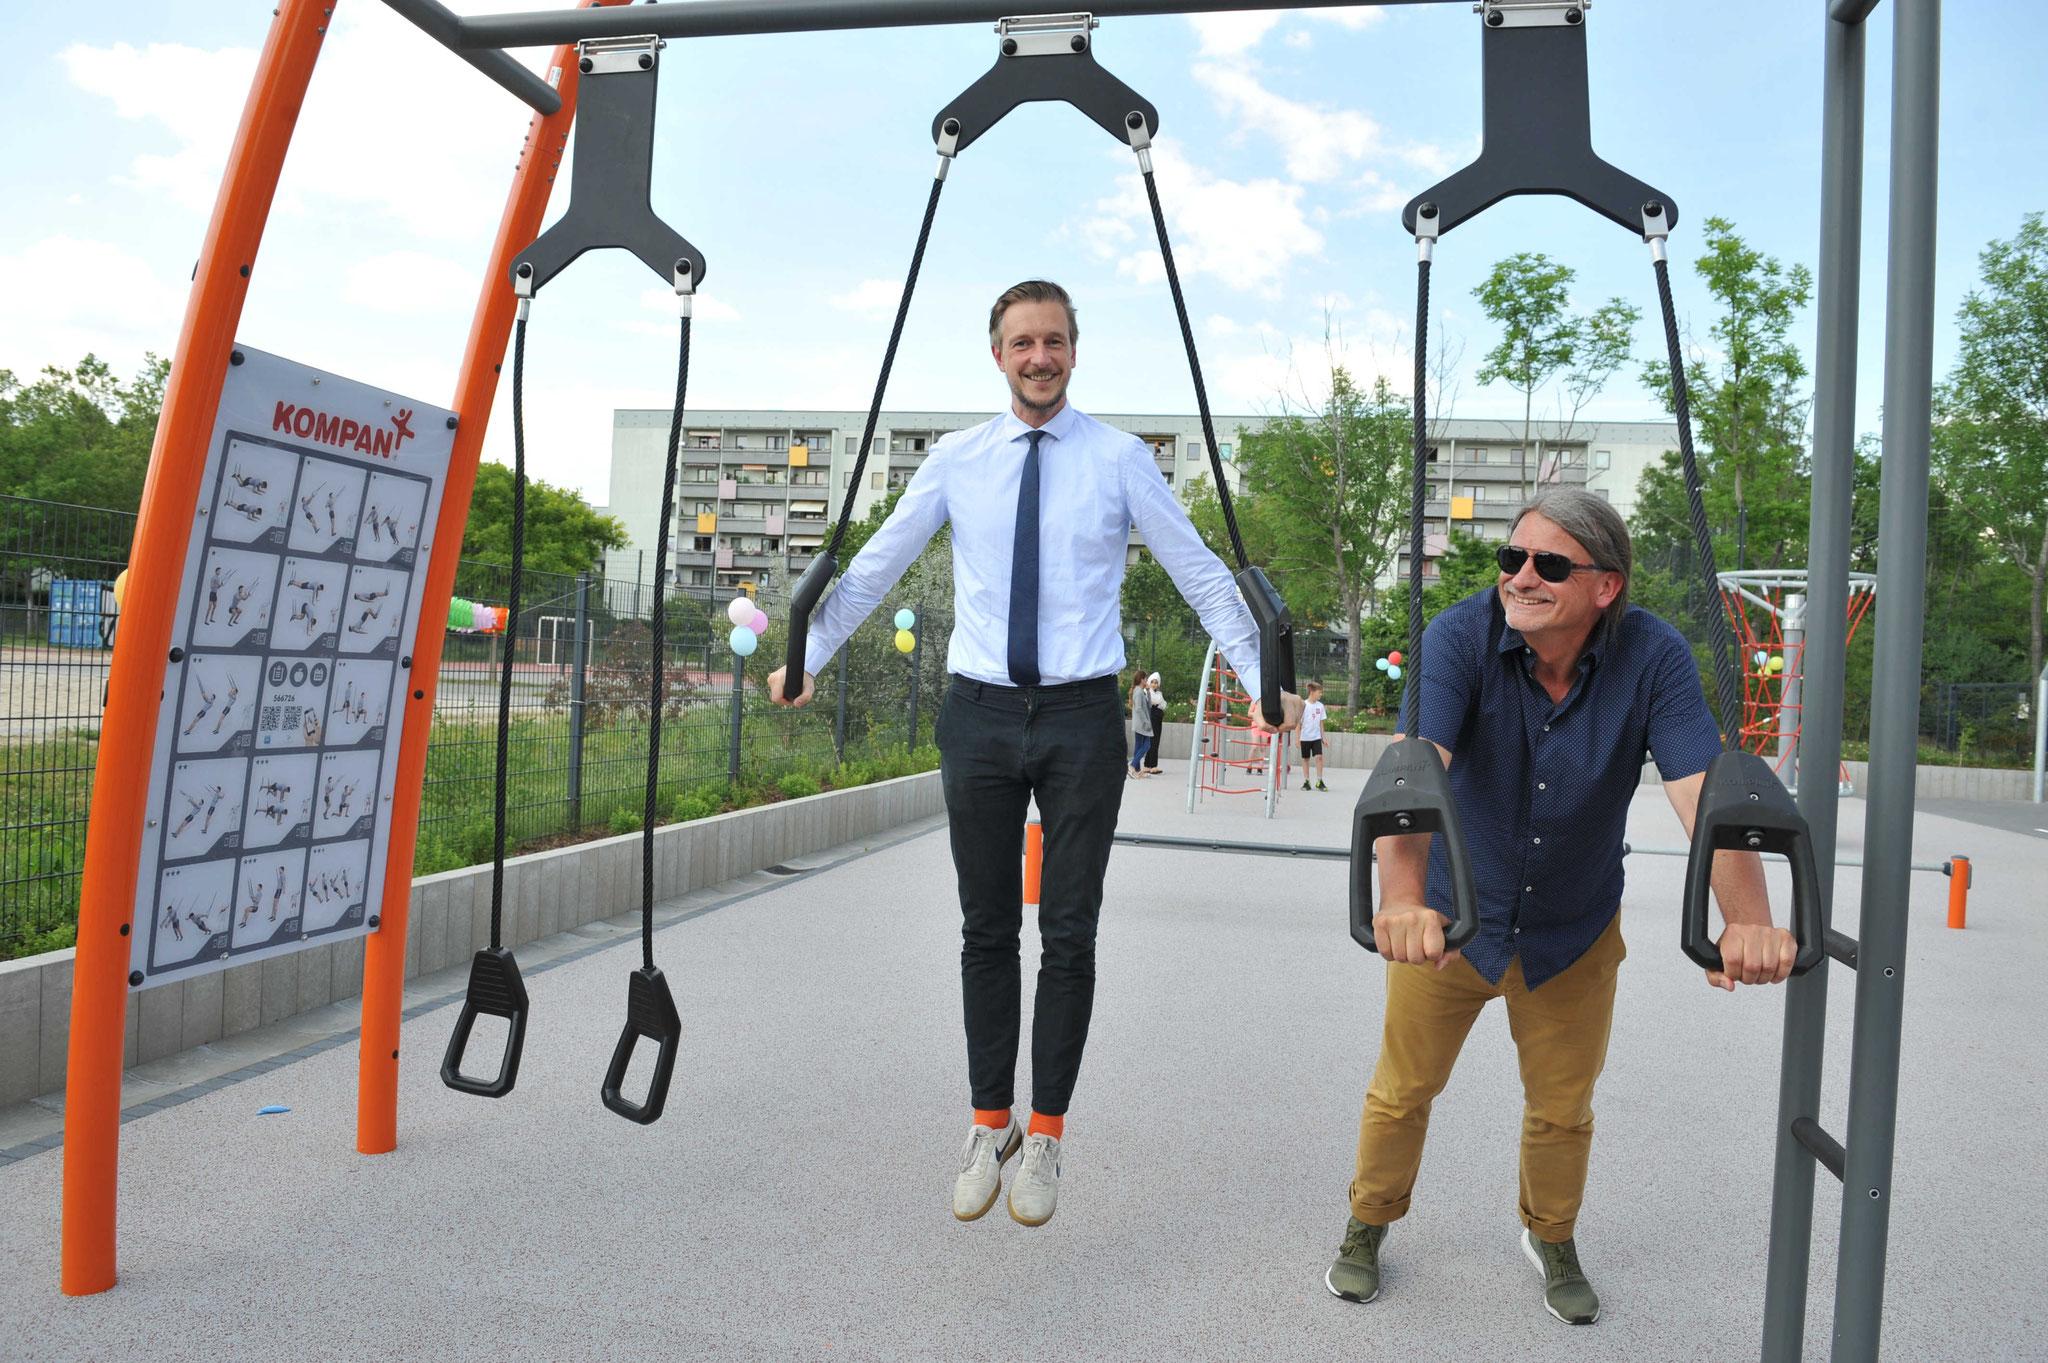 Auch die großen Jungs hatten ihren Spaß: Gordon Lemm und Jugendamtsleiter Heiko Tille. © pressefoto-uhlemann.de